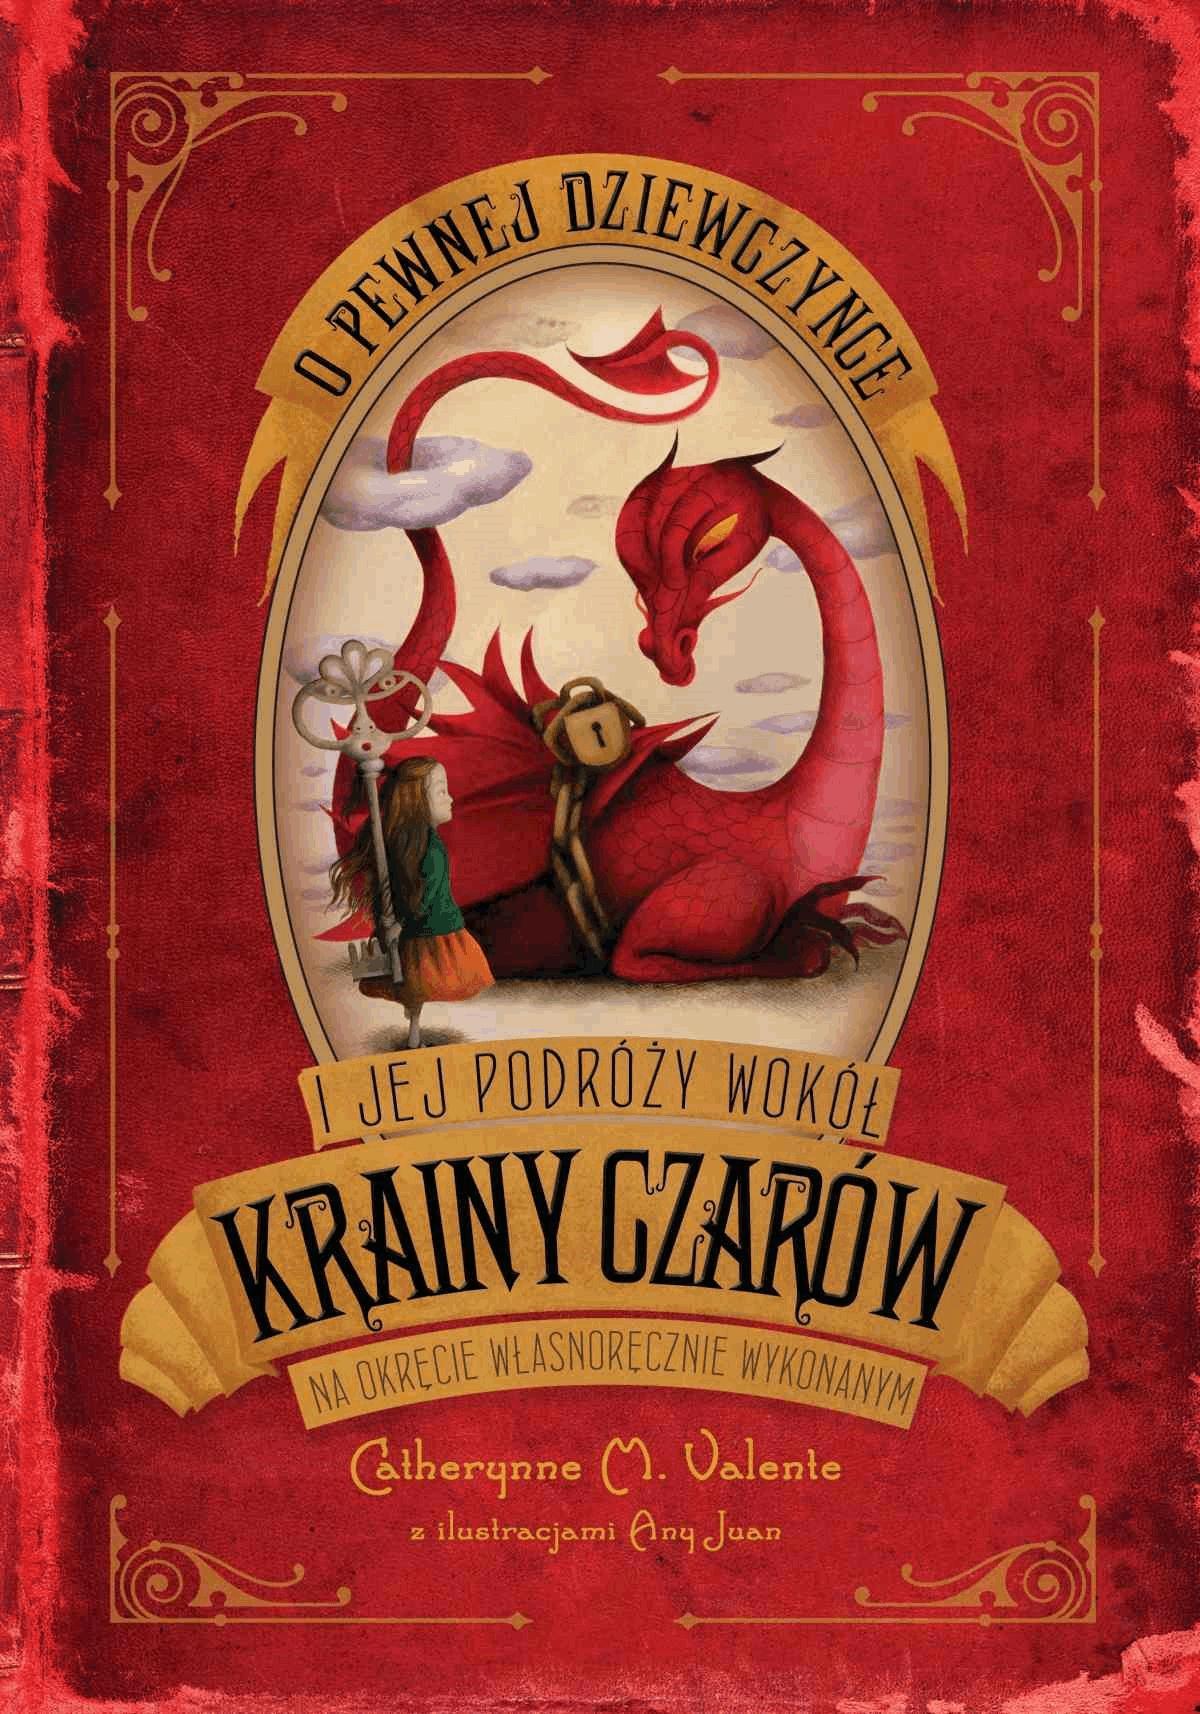 O pewnej dziewczynce i jej podróży do Krainy Czarów na okręcie własnoręcznie wykonanym - Tylko w Legimi możesz przeczytać ten tytuł przez 7 dni za darmo. - Catherynne M. Valente